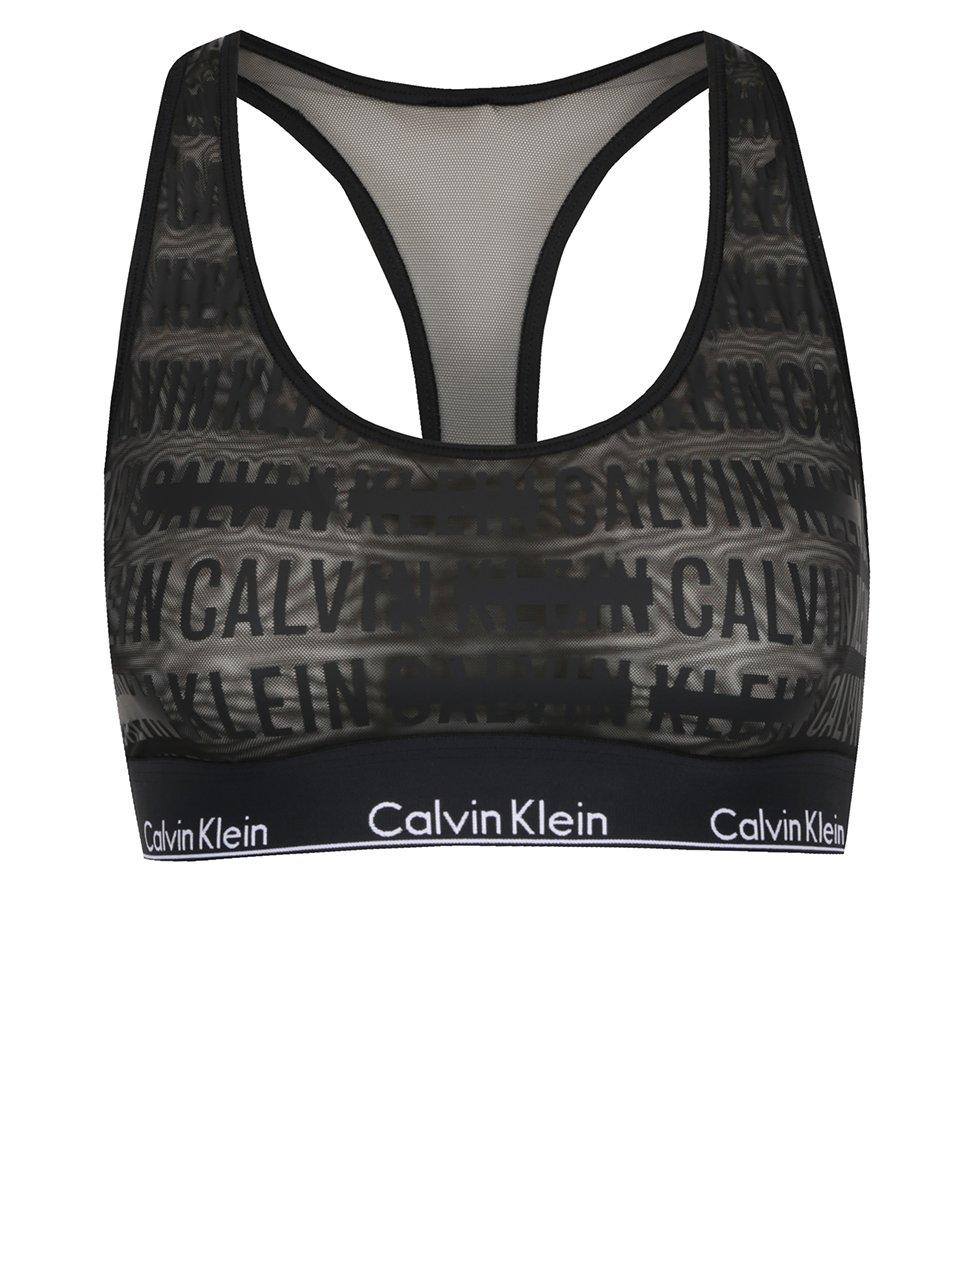 Černá průsvitná podprsenka s potiskem Calvin Klein